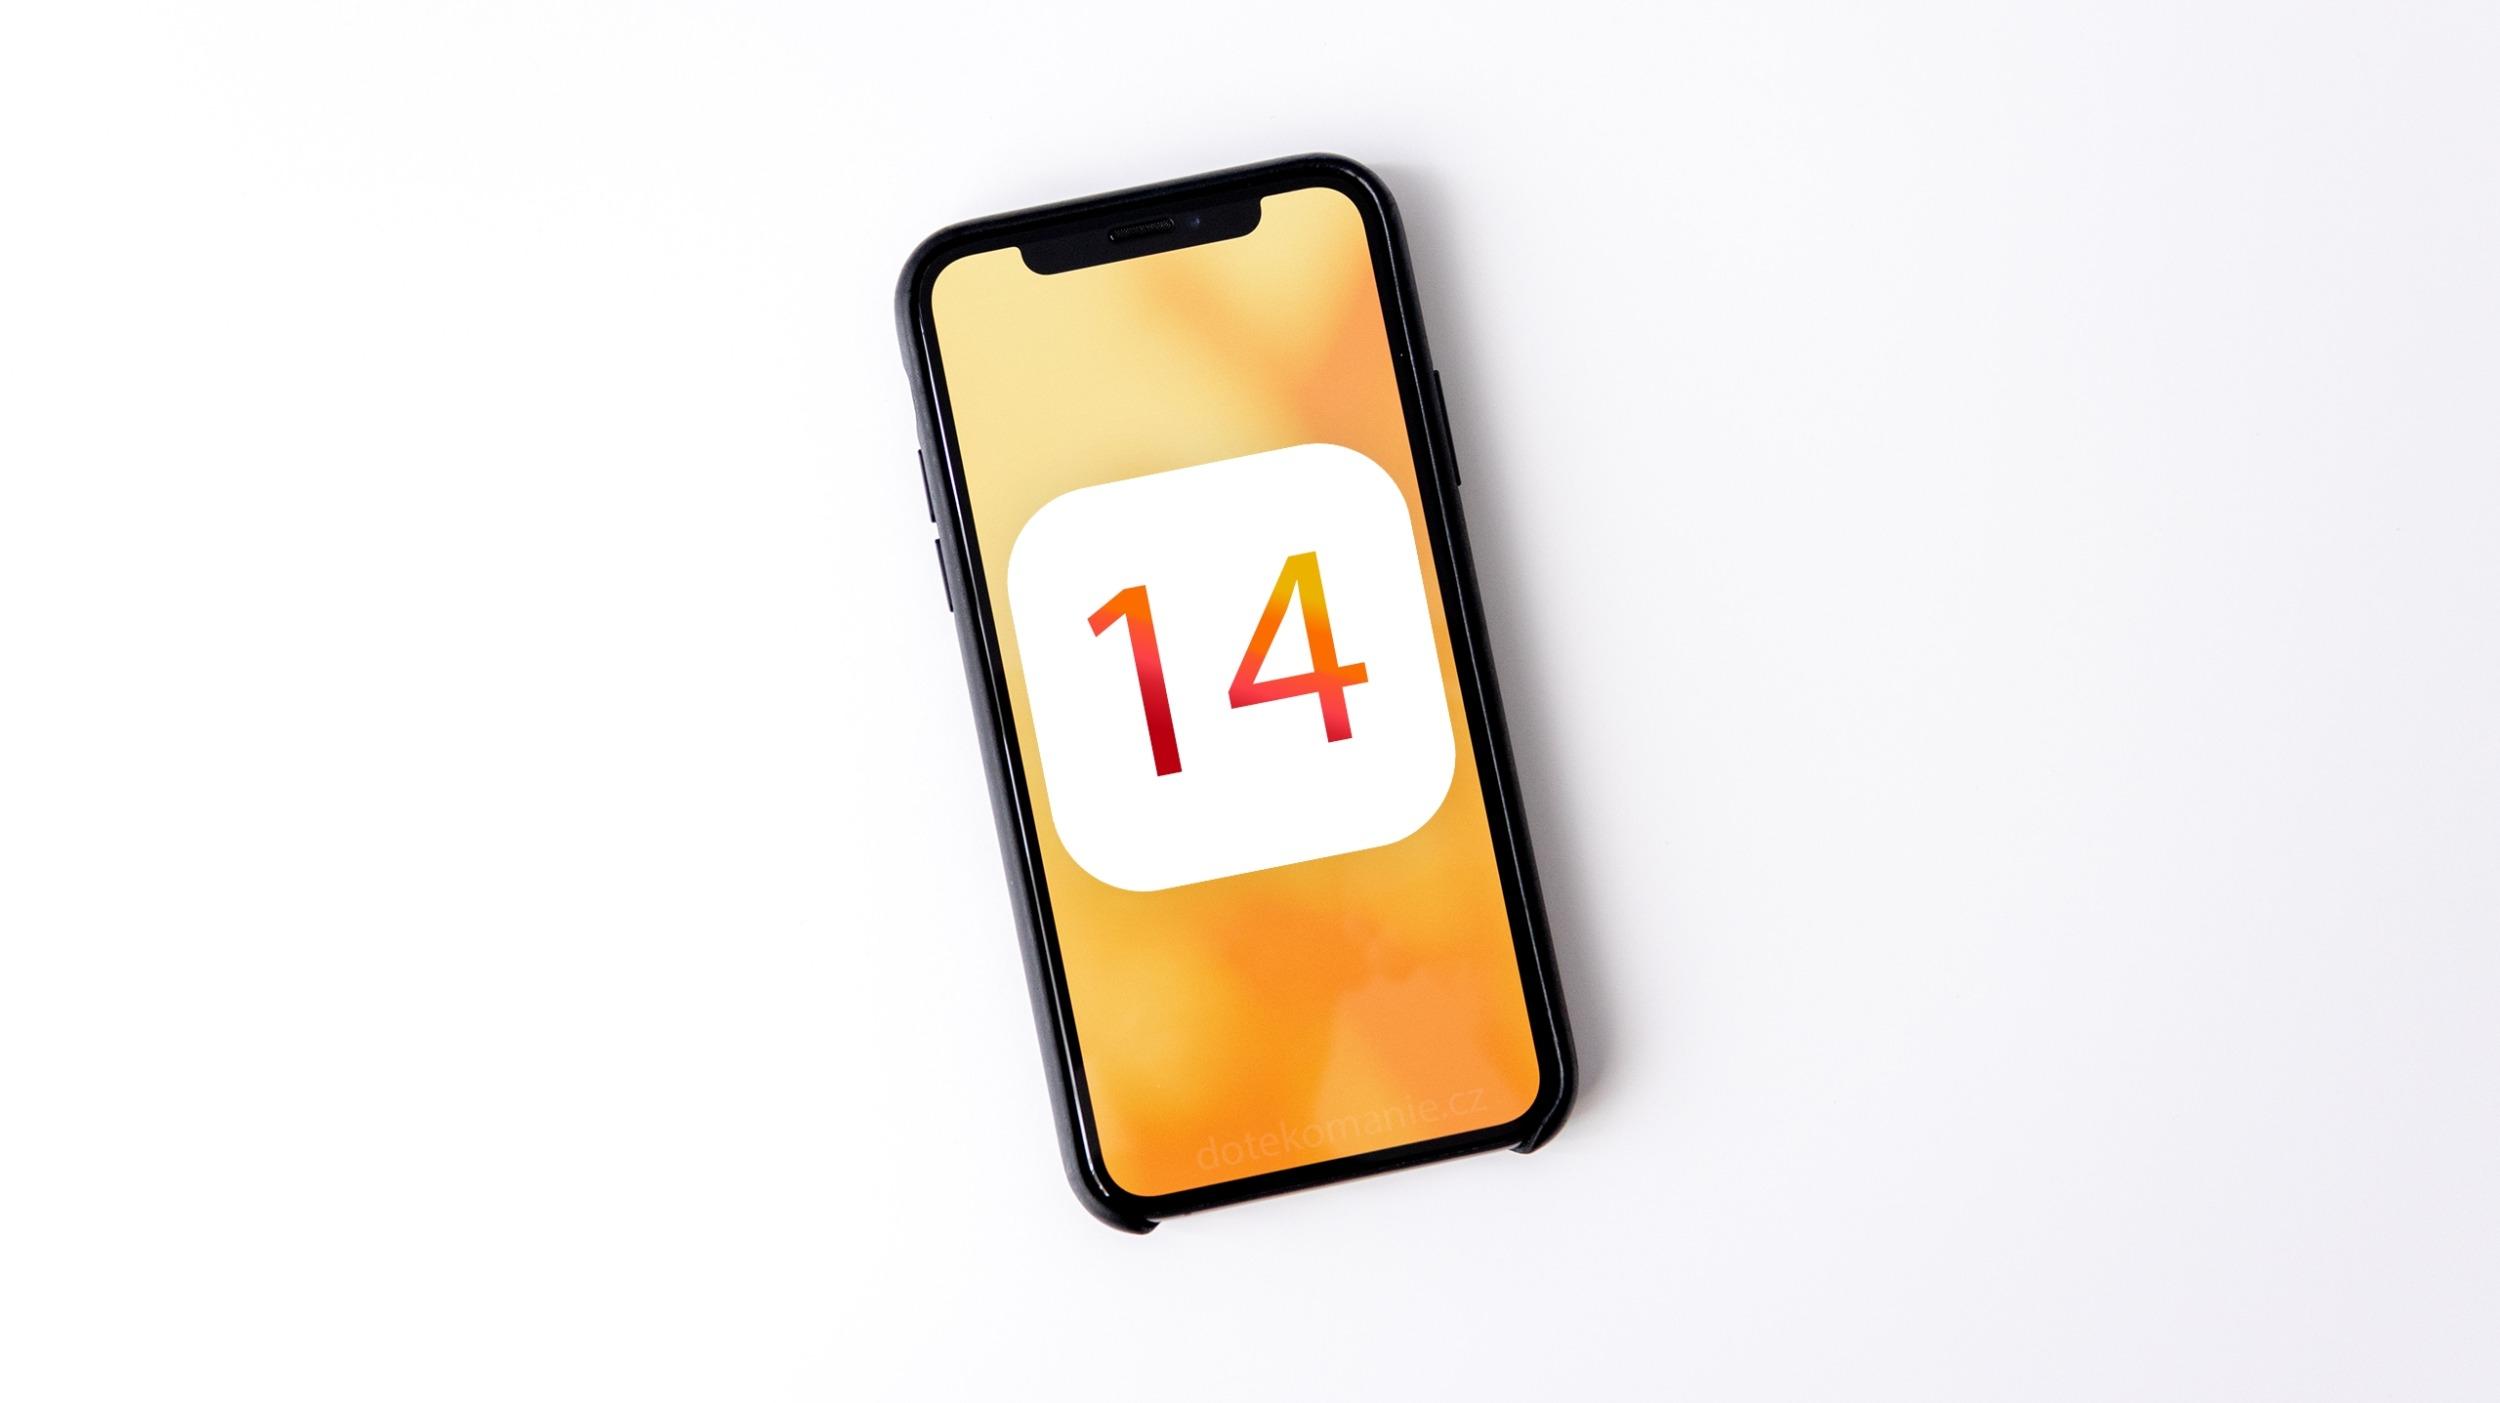 Unikají novinky iOS 14 – s novou domovskou obrazovkou